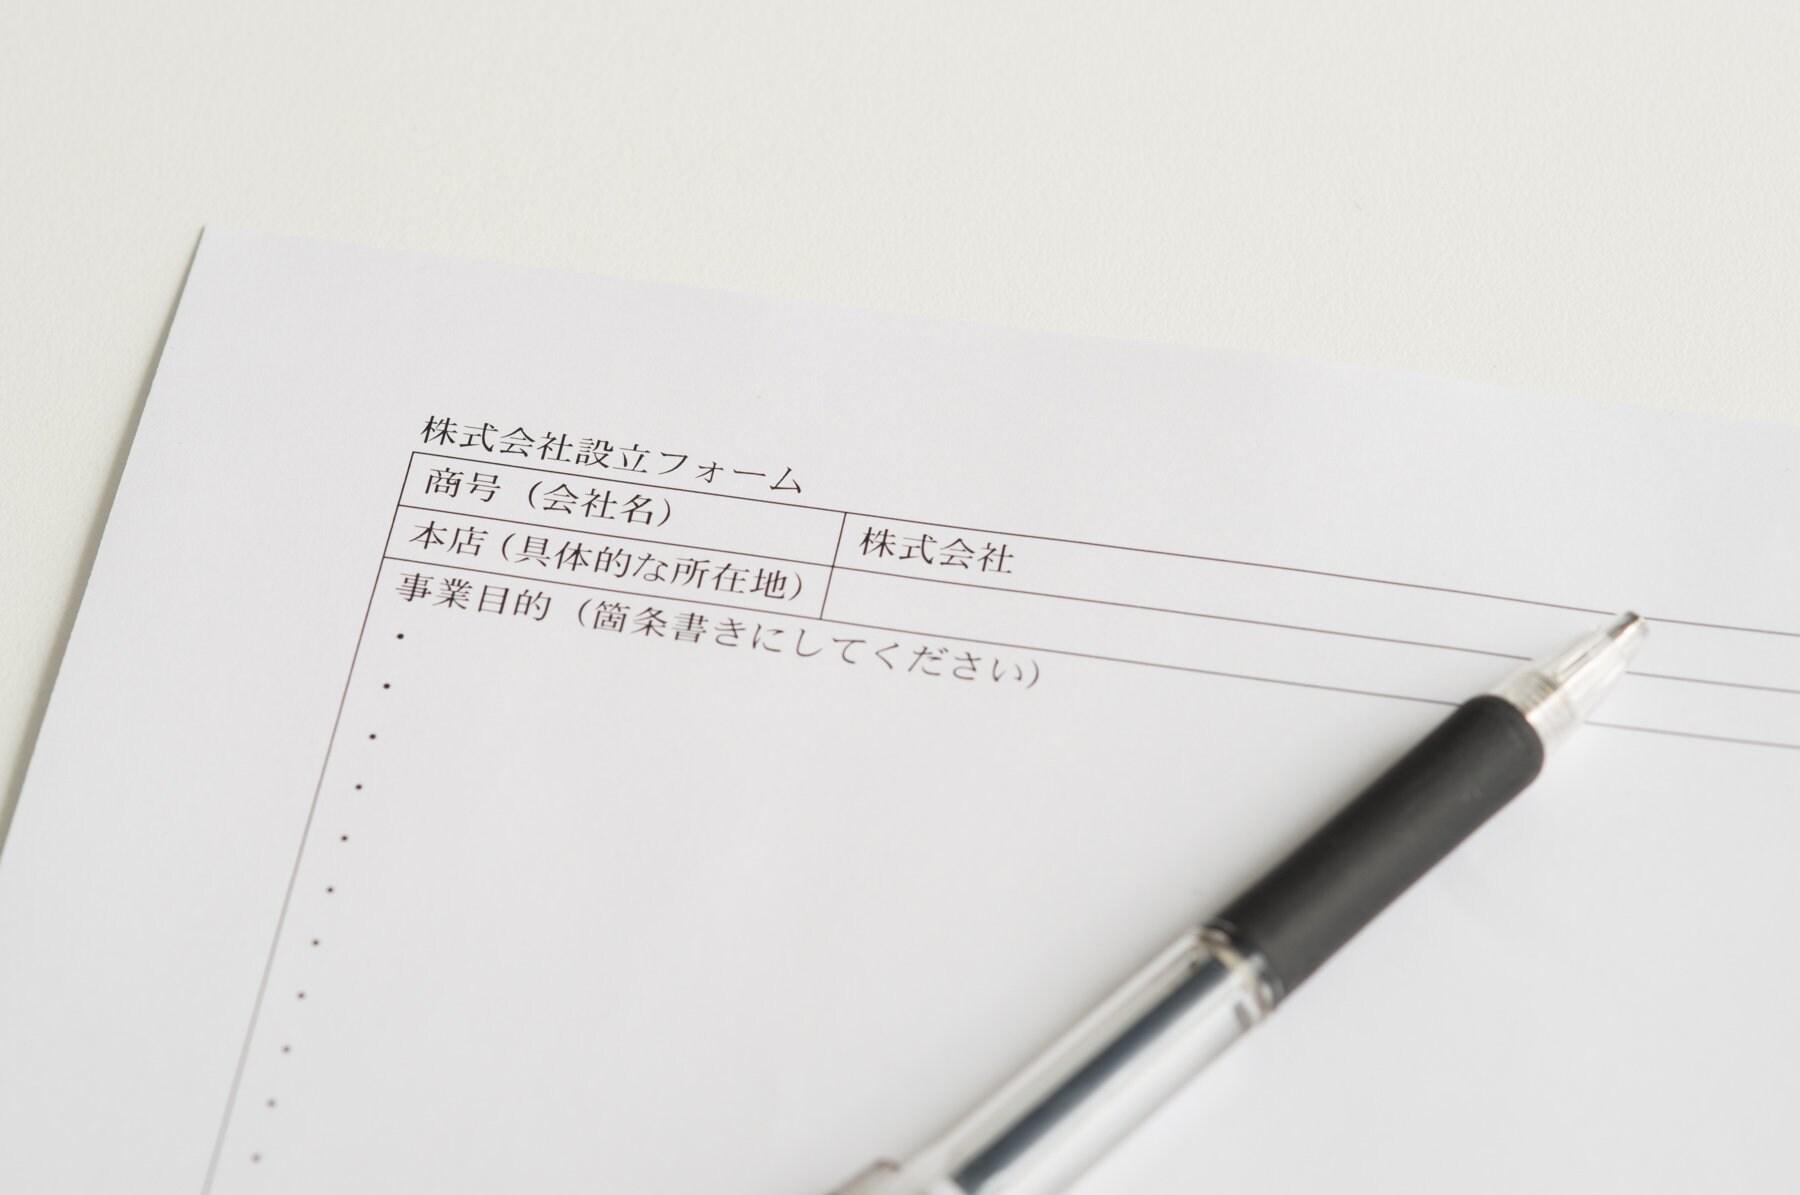 世田谷区・目黒区の株式会社設立サポート【要予約】のイメージその1